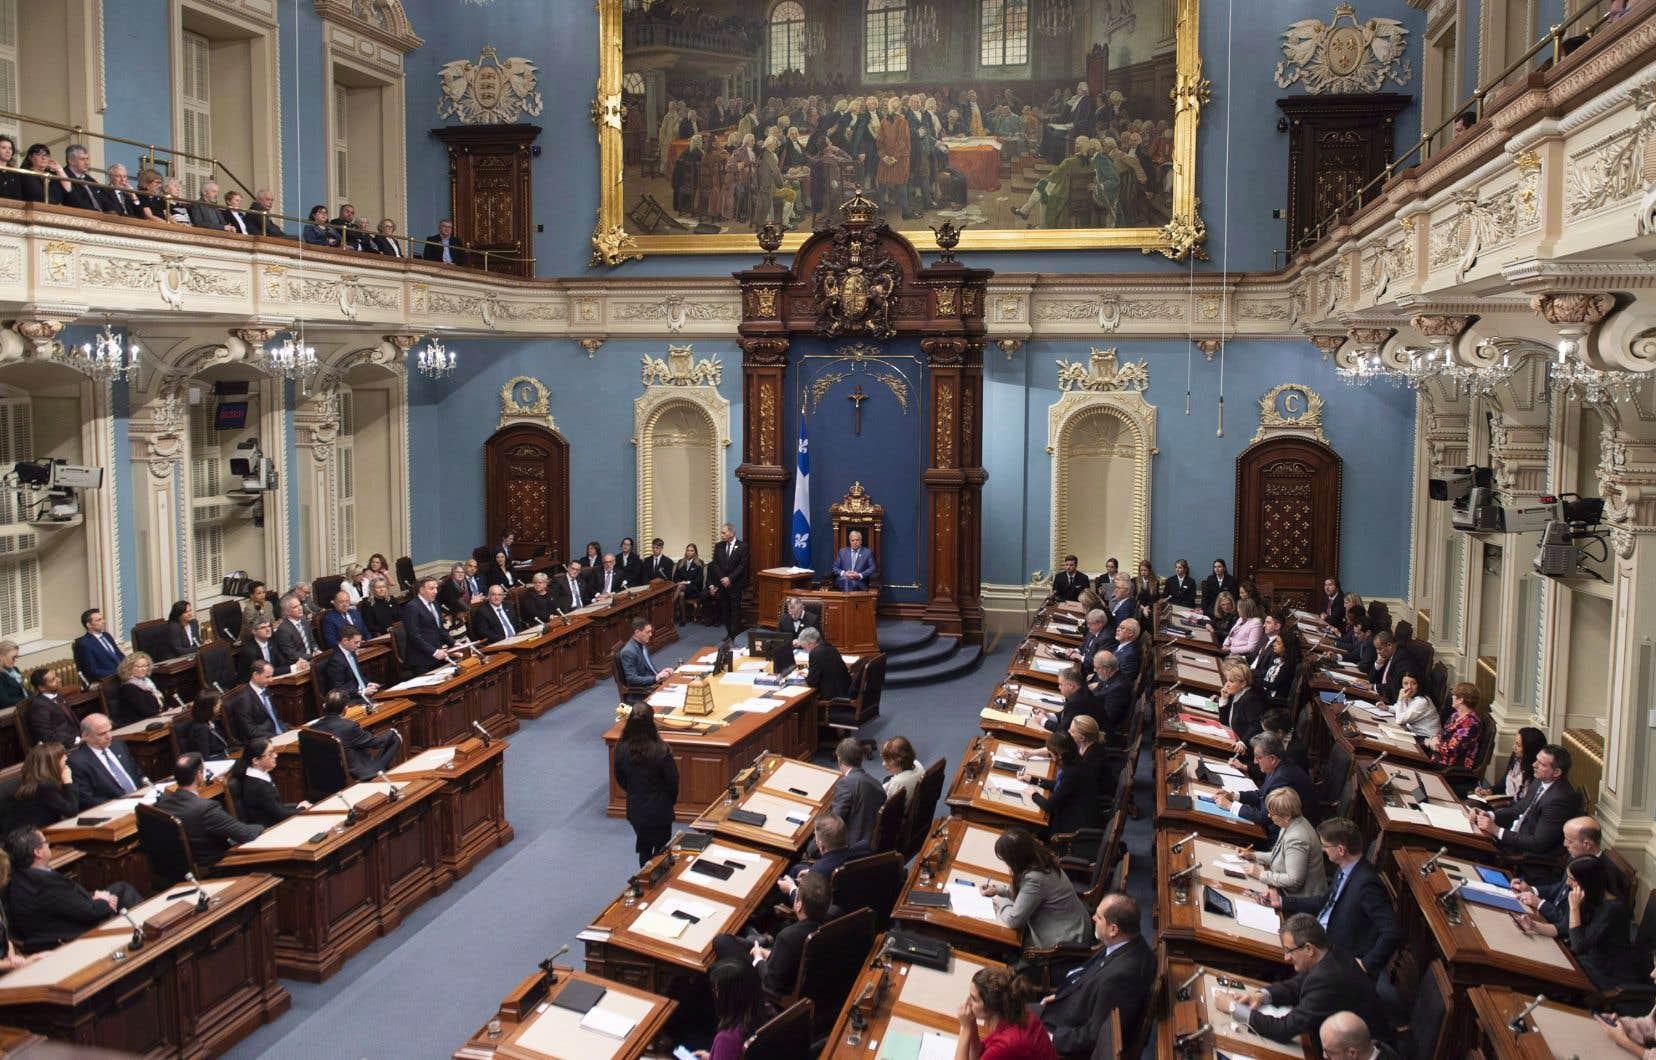 L'engagement a été pris à l'Assemblée nationale lors d'un vote sur une motion de Québec solidaire.